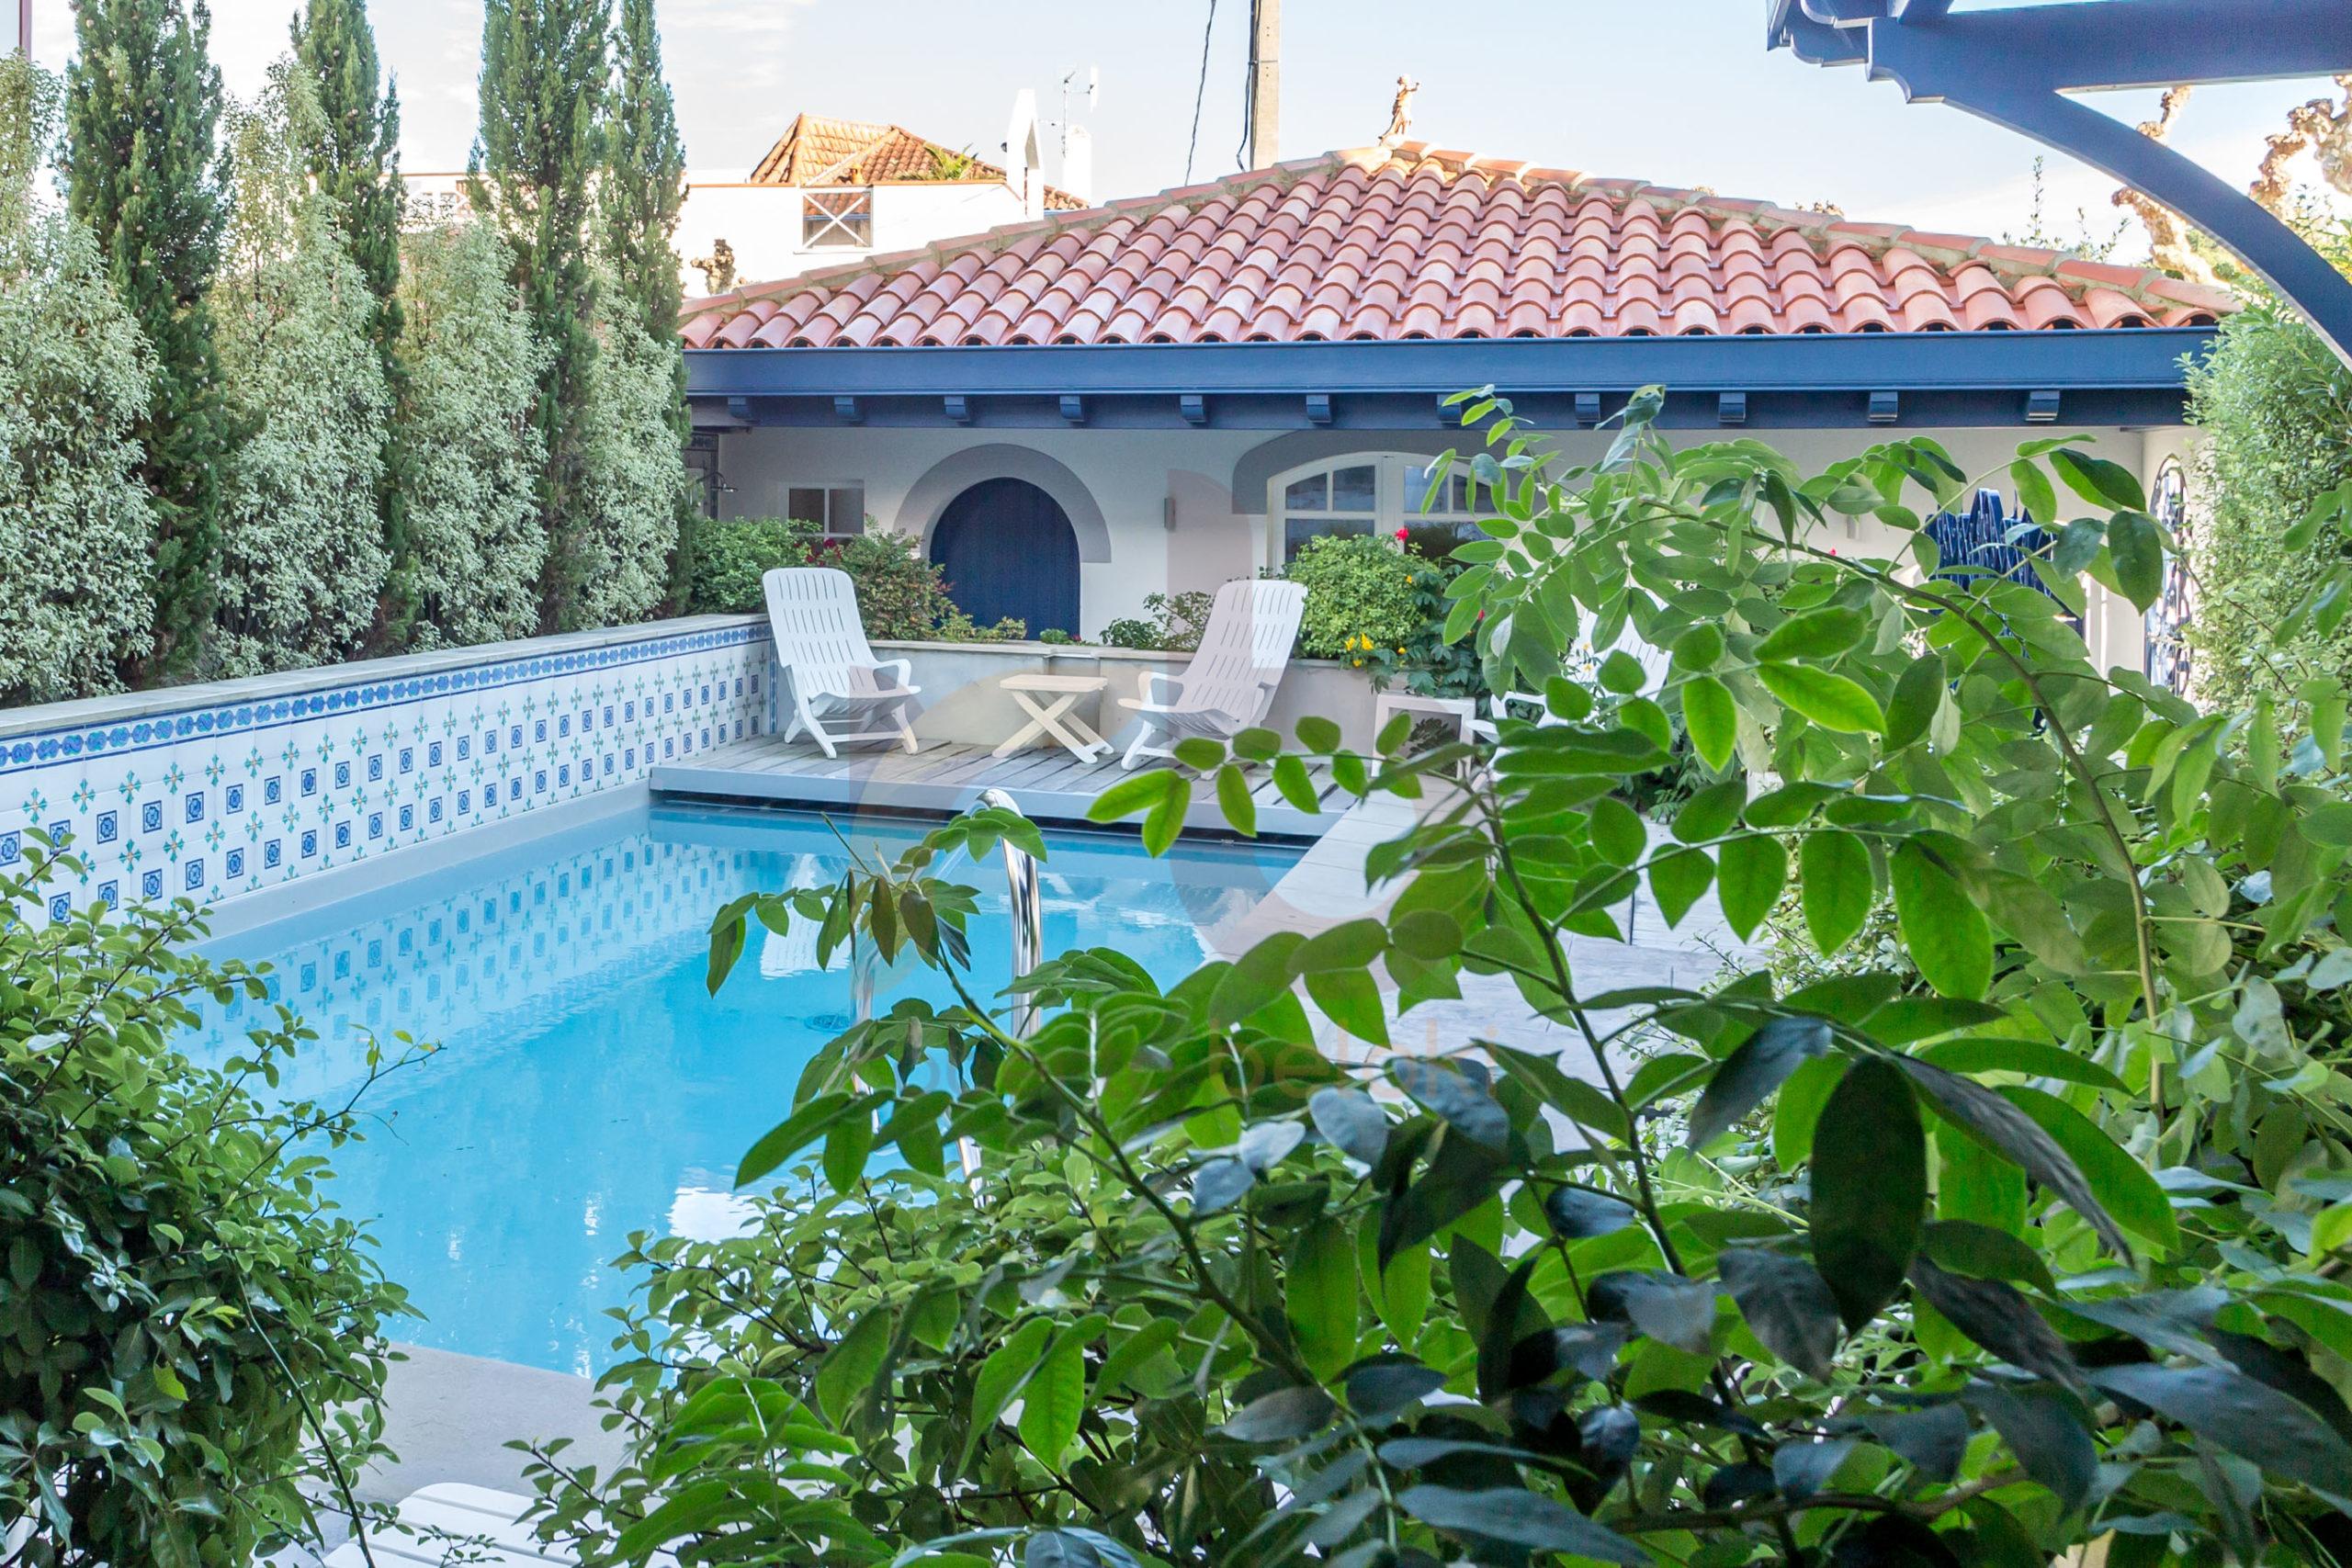 Casa en venta en San Juan de Luz, Pais Vasco Francés, FC1102